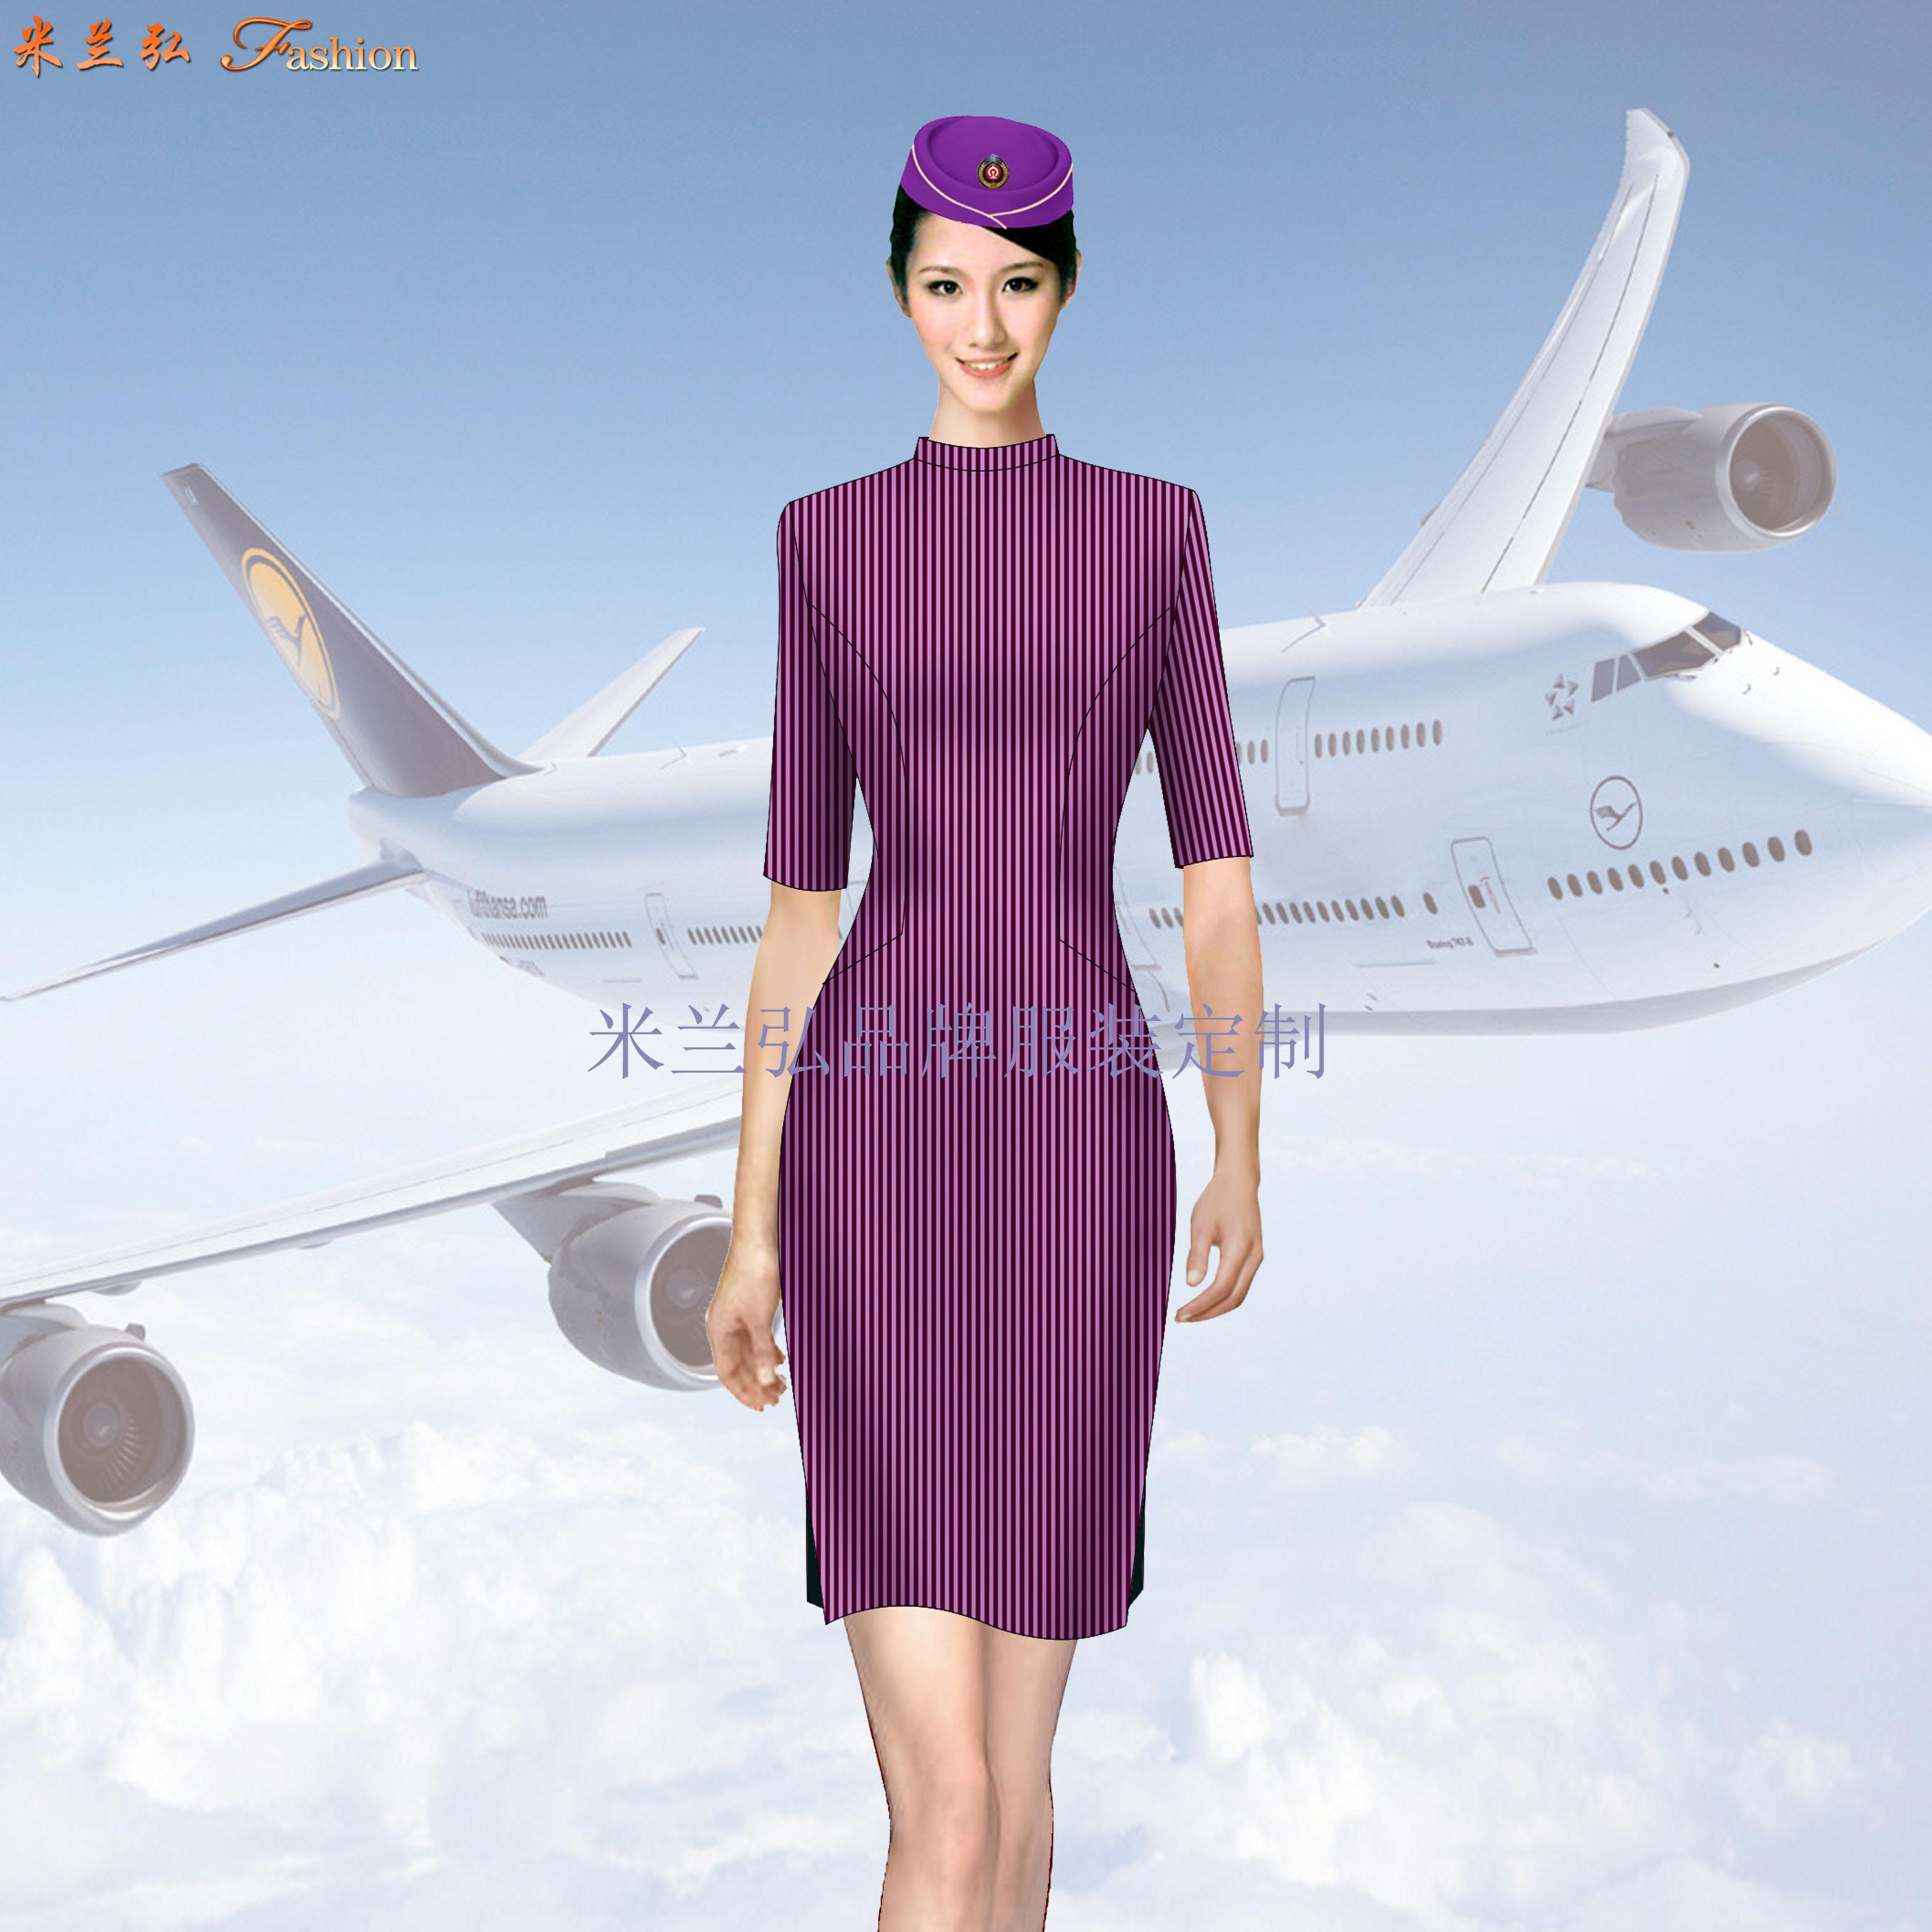 空姐連衣裙定制-量體定做空姐服夏裝廠家-米蘭弘服裝-5